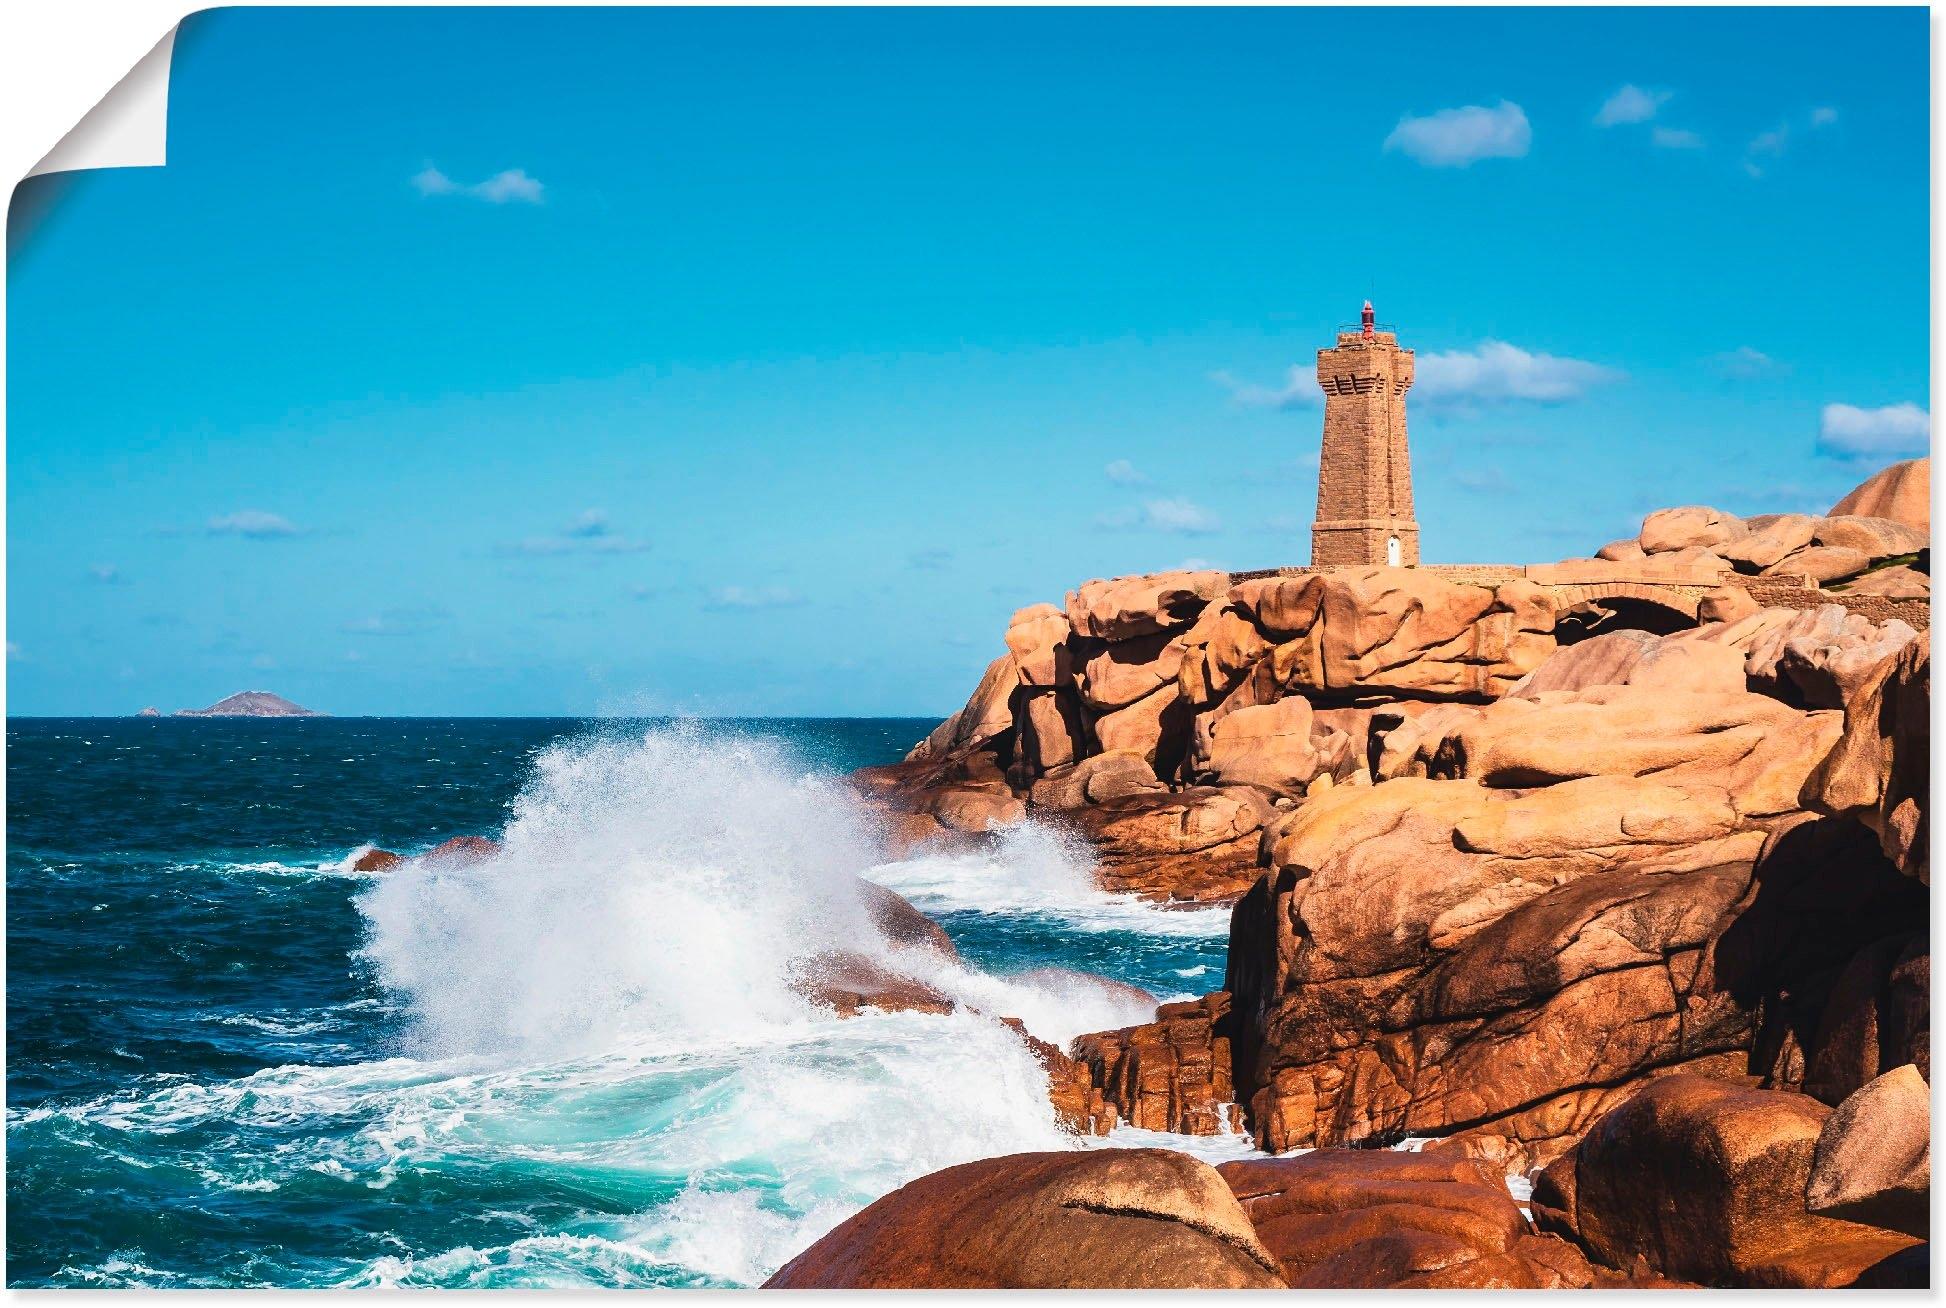 Artland artprint Kust van de Atlantische Oceaan Bretagne bij Ploumanach in vele afmetingen & productsoorten -artprint op linnen, poster, muursticker / wandfolie ook geschikt voor de badkamer (1 stuk) nu online bestellen